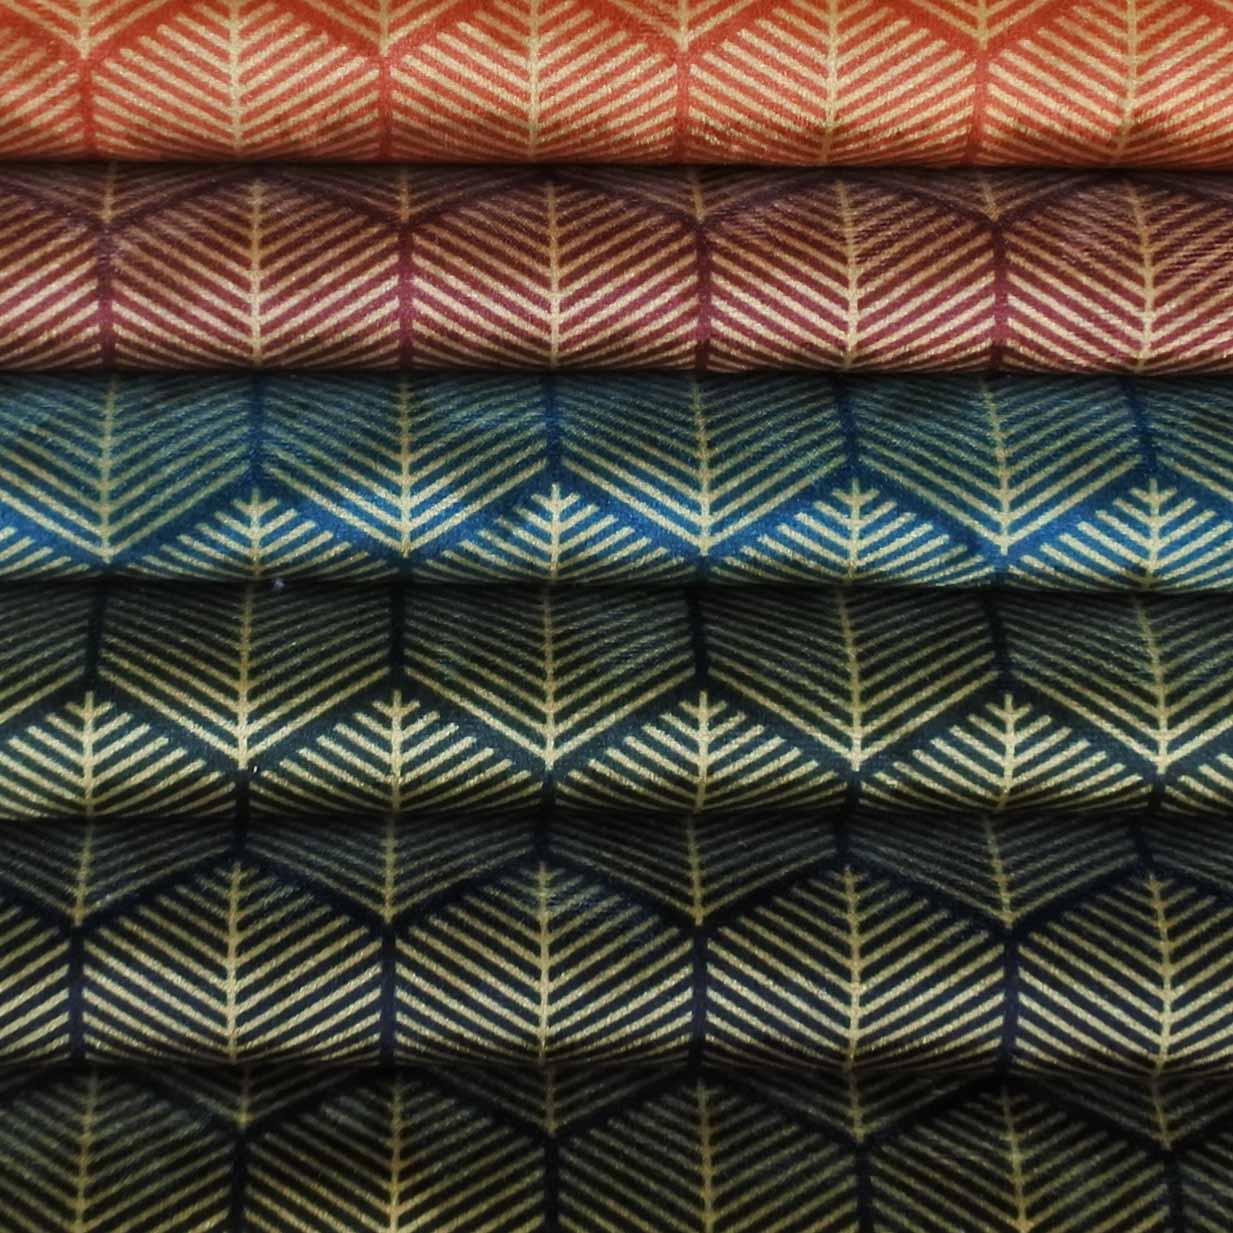 9. Ice Velvet 18105 Geometric Lines